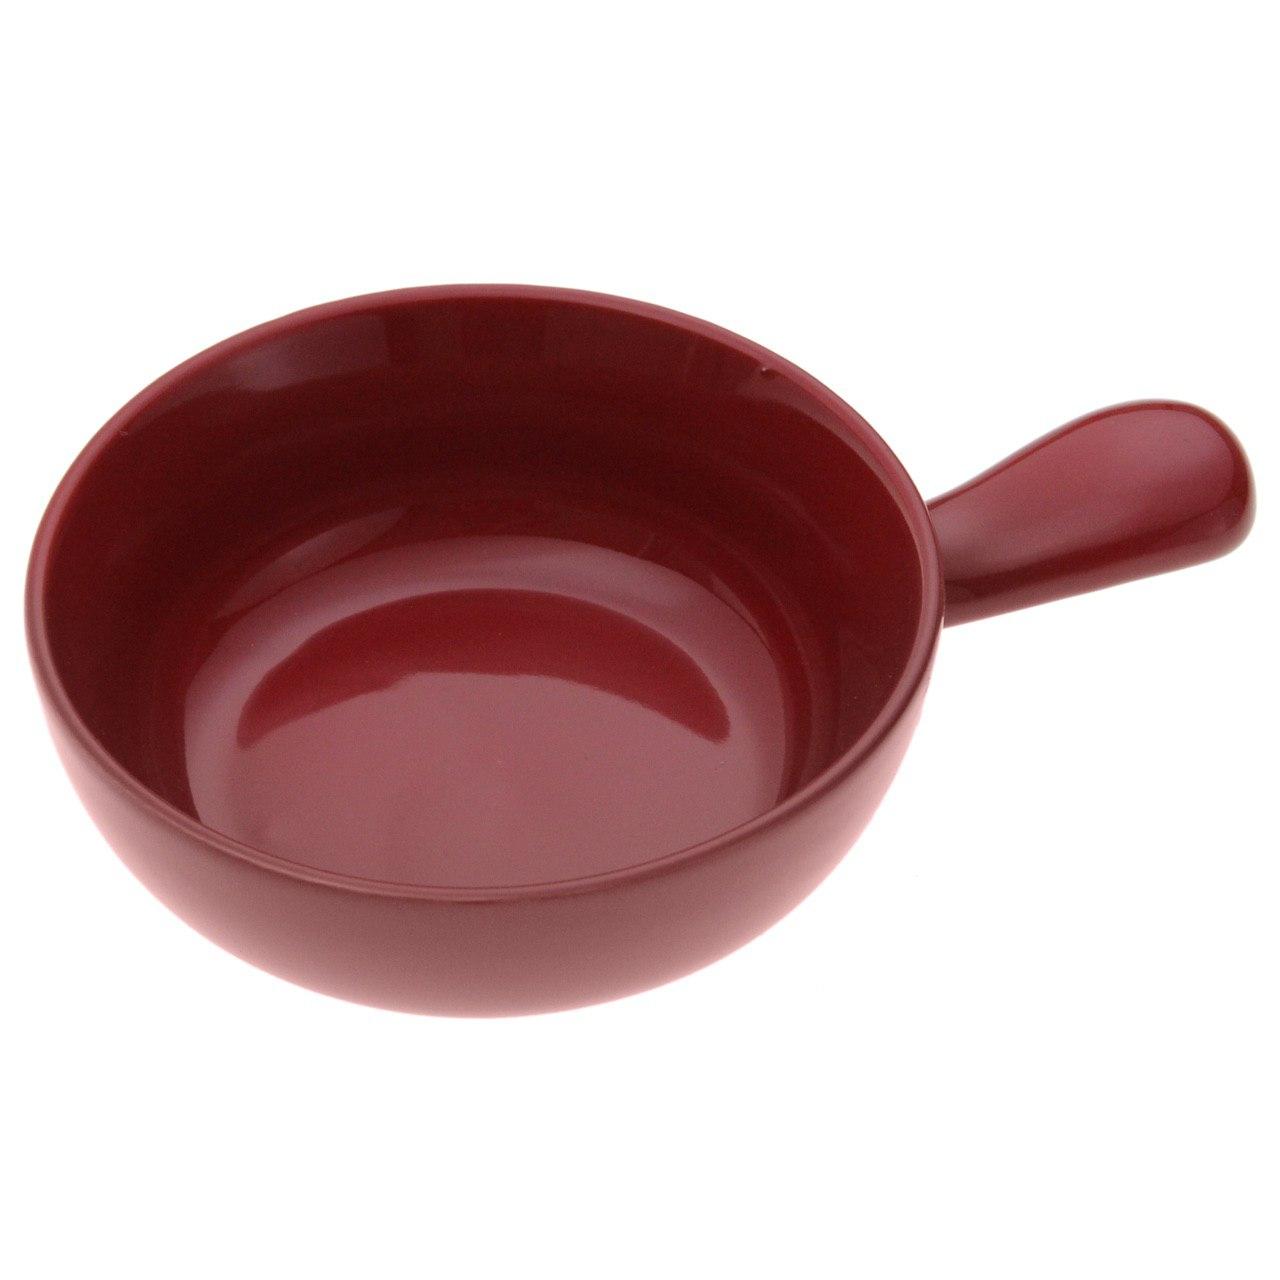 کاسه سوپ خوری وان کافی مدل تاکارا کد JX